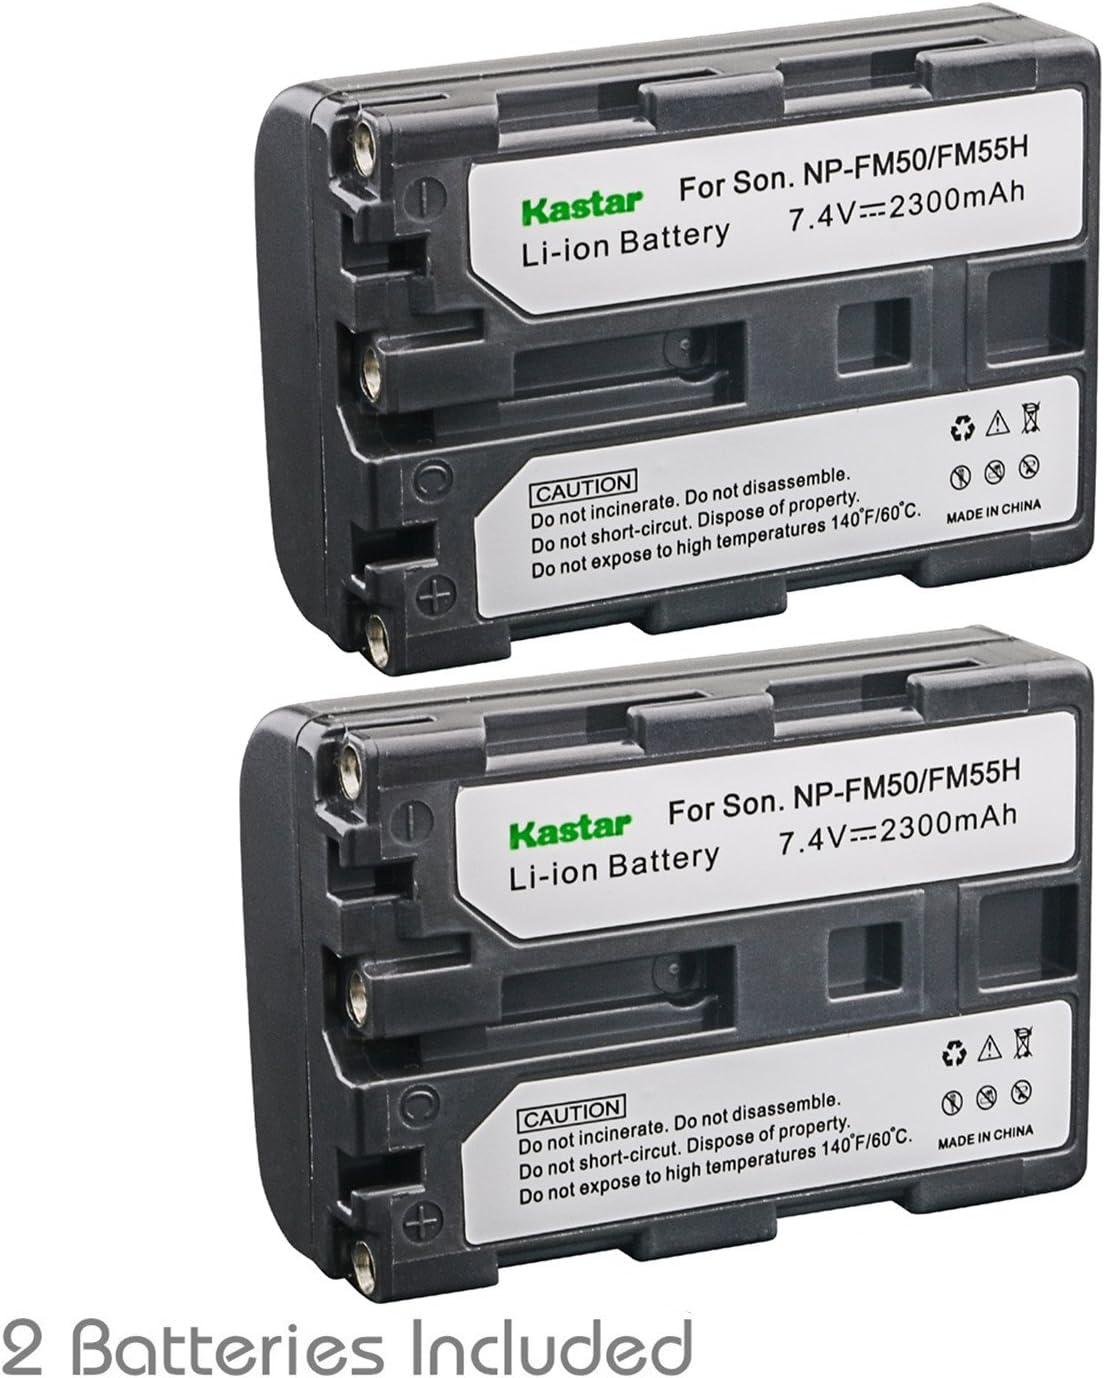 Batería Para Sony Dsr-pdx10p Dcr-pc110 Dcr-trv15 Dcr-trv950e Mvc-cd400 Dcr-trv255